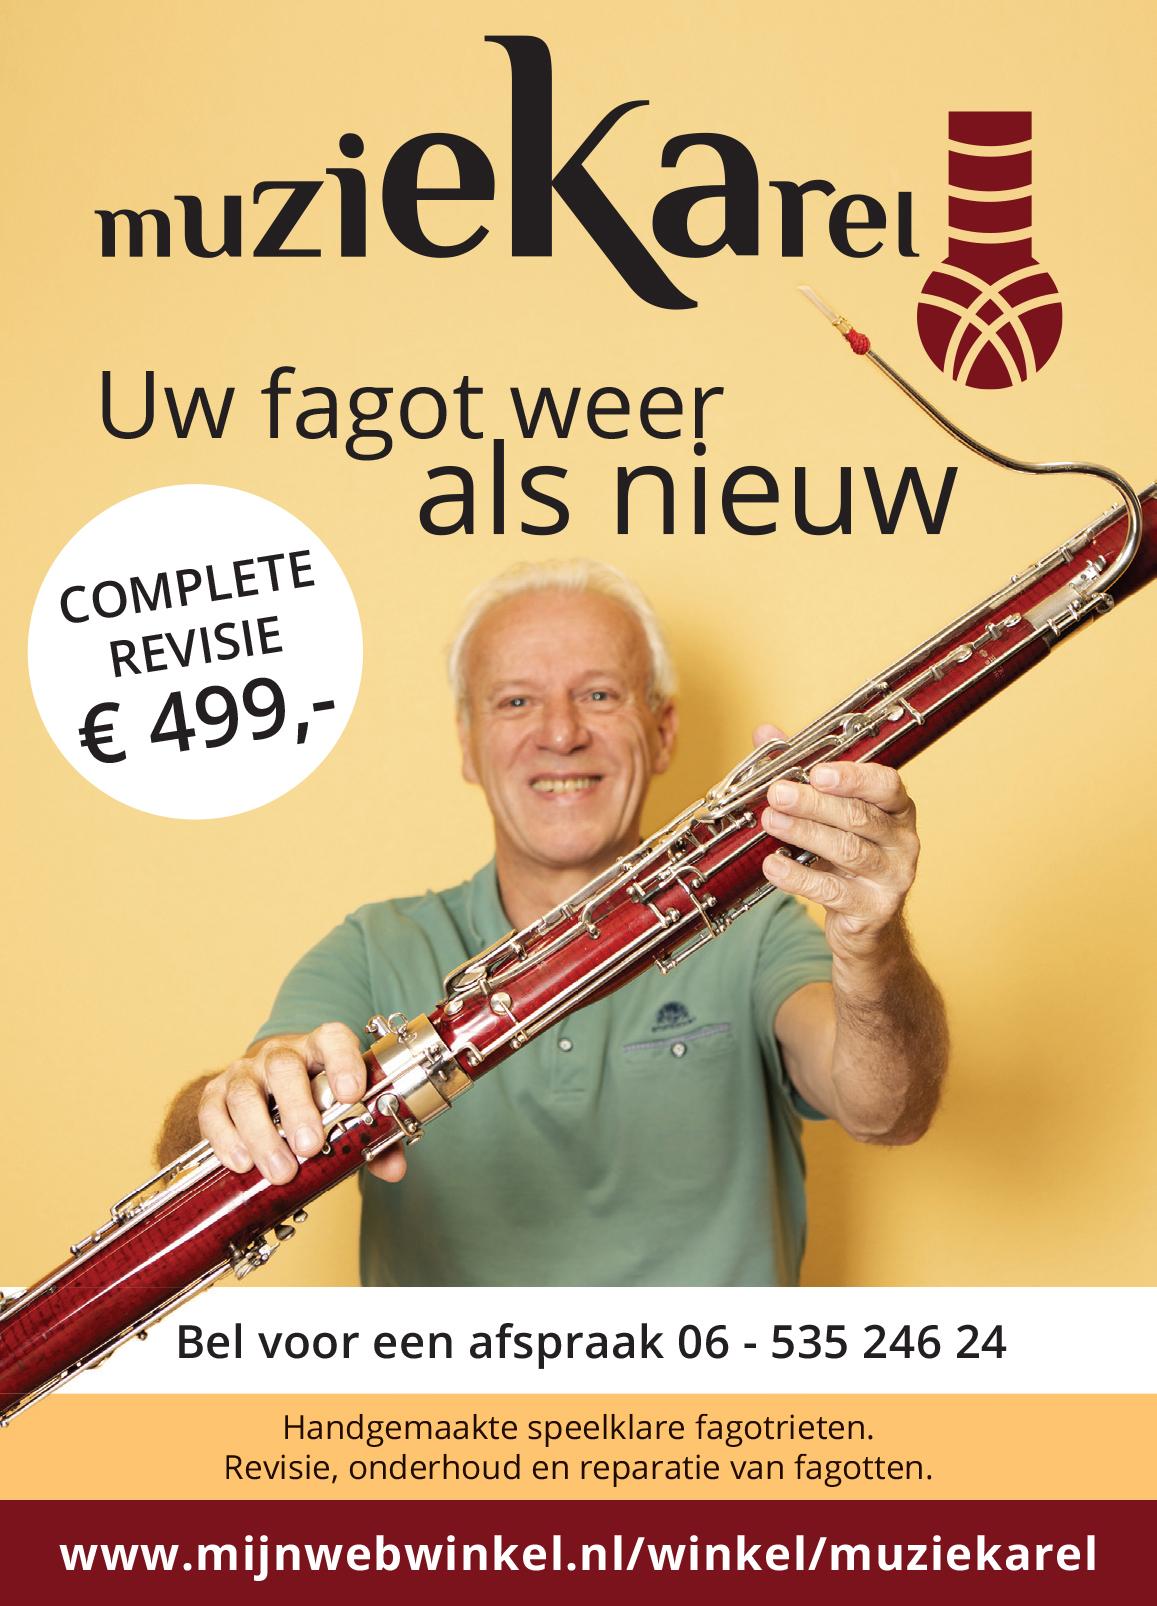 Muziekarel